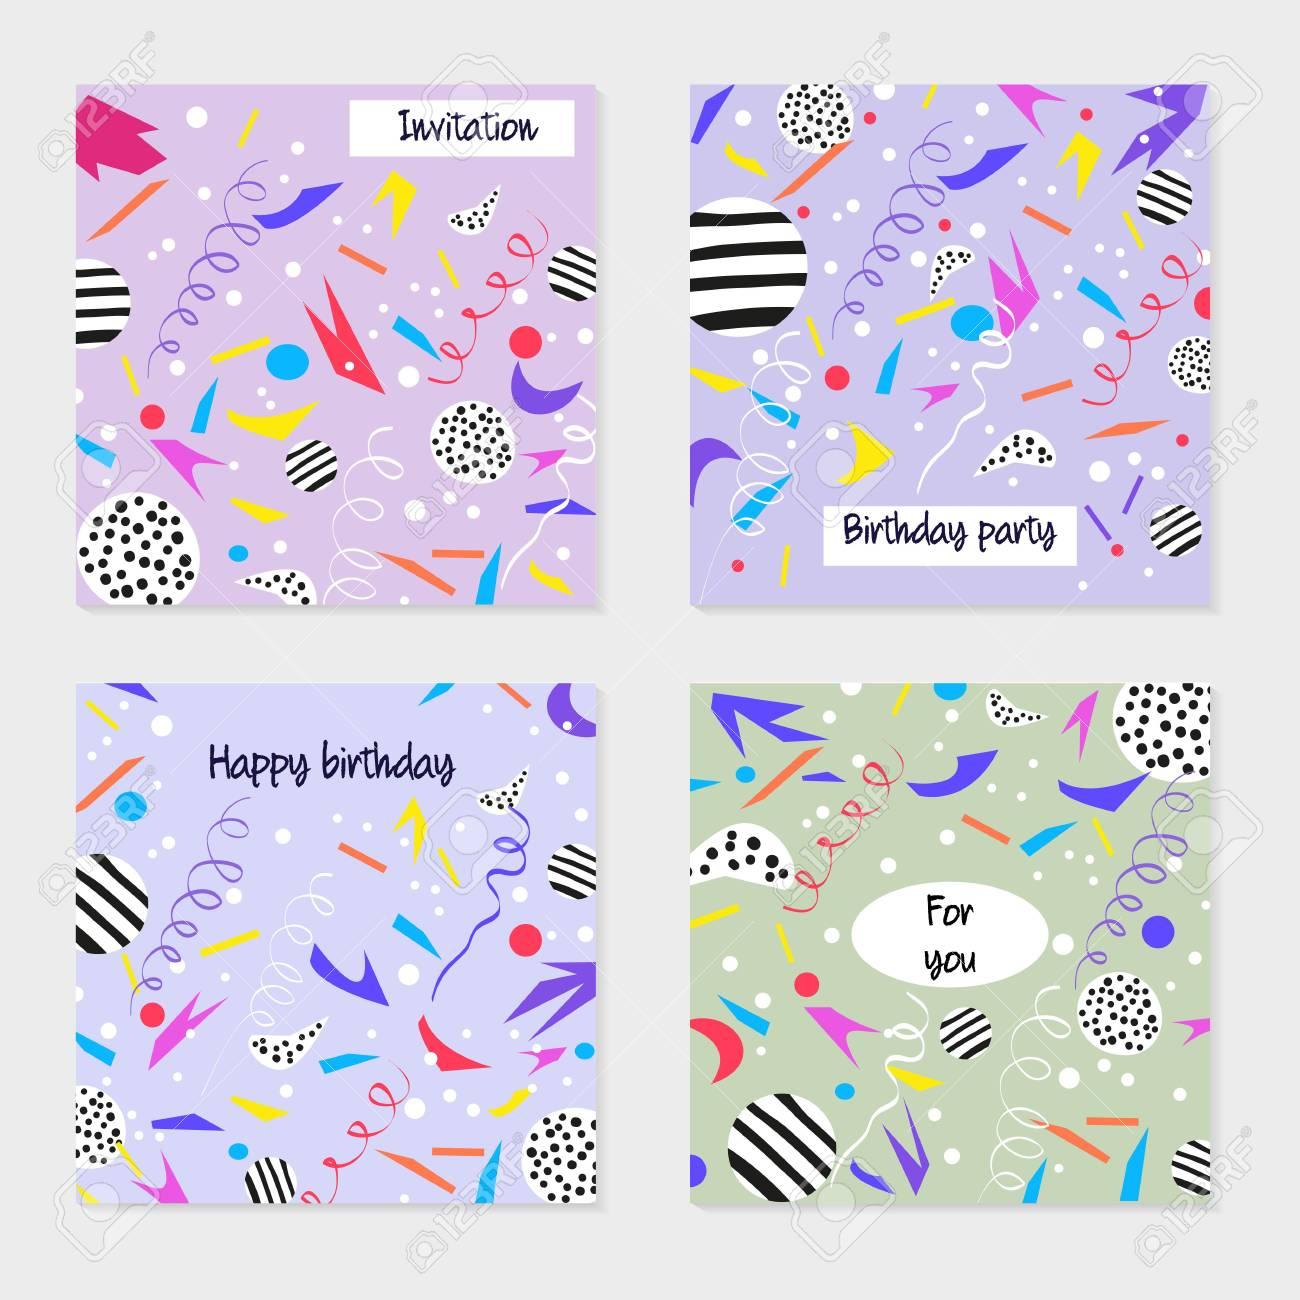 Conjunto De Tarjetas De Fiesta E Invitaciones Diseño Para Póster Tarjeta Invitación Cartel Folleto Fondos De Cumpleaños Con Confeti Estilo